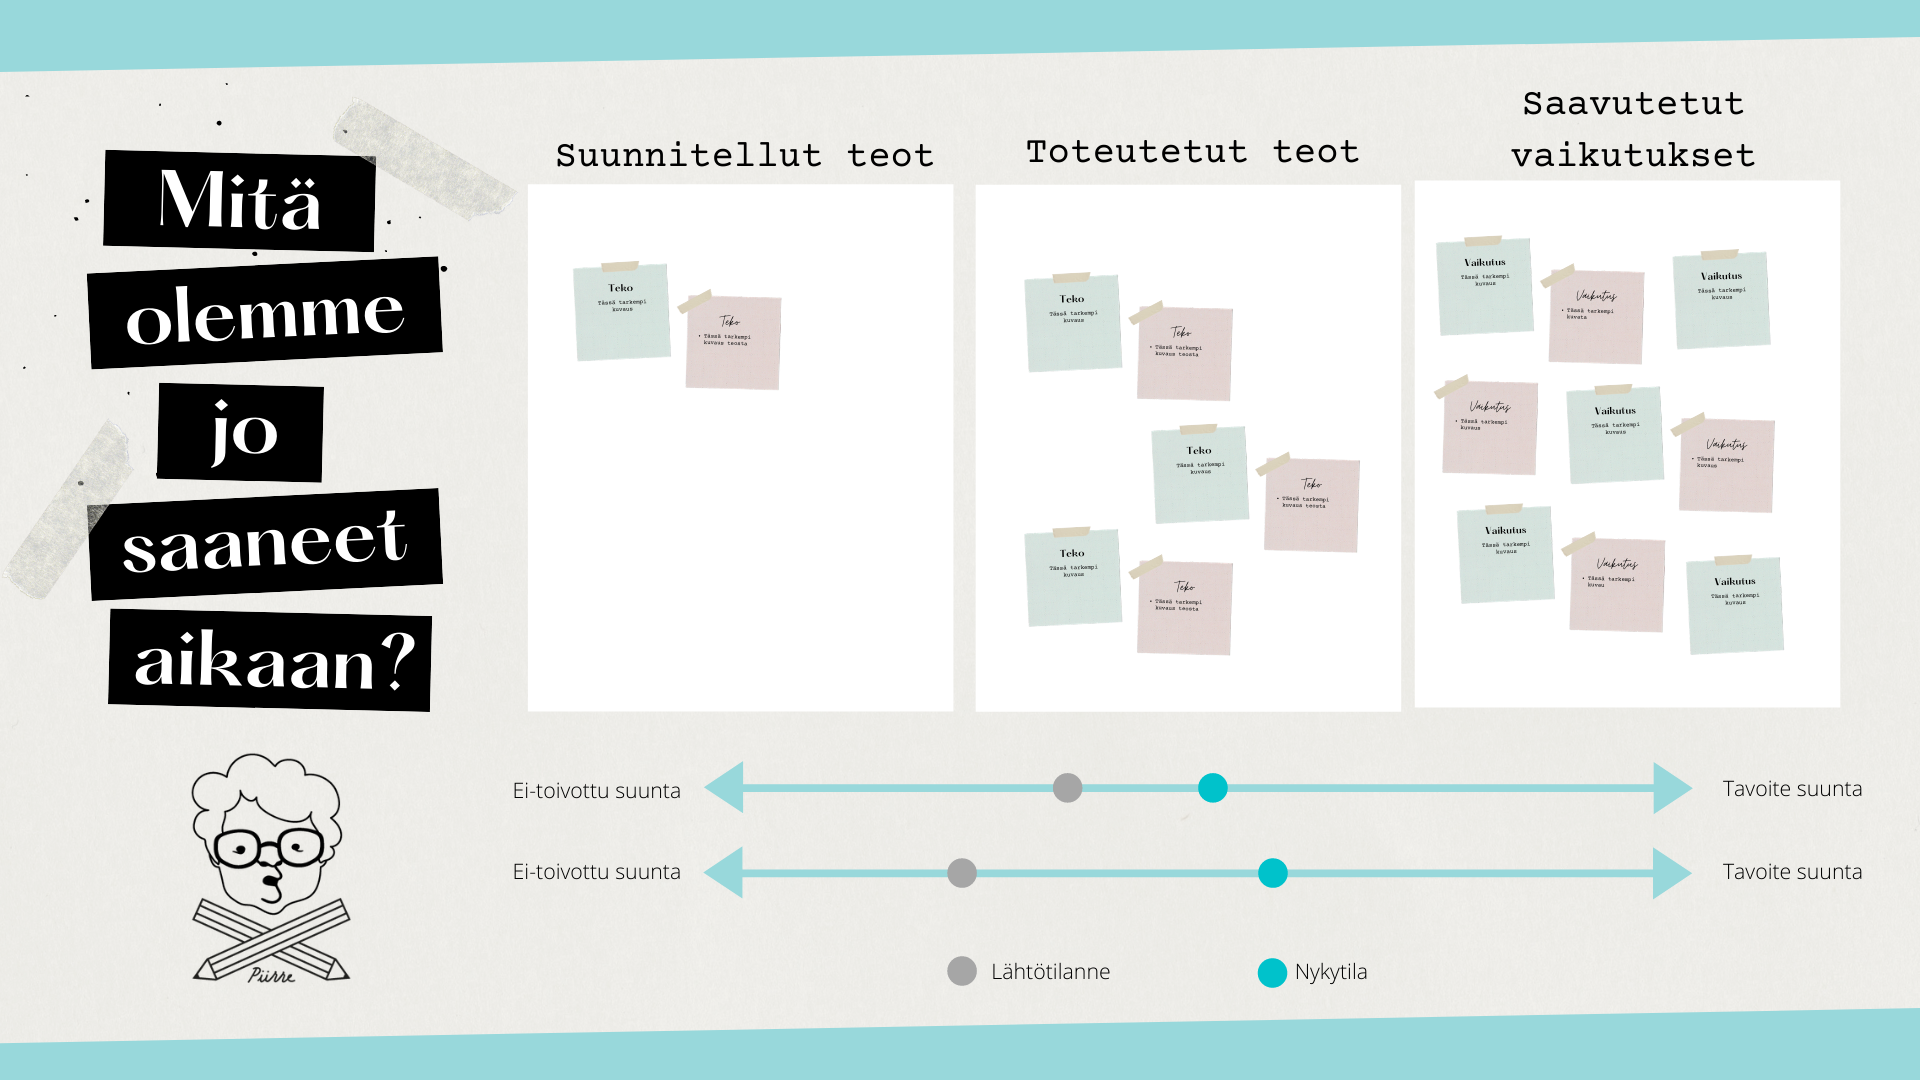 Kuva visuaalisesta pohjasta, jossa seurataan töiden etenemistä ja vaikutuksia